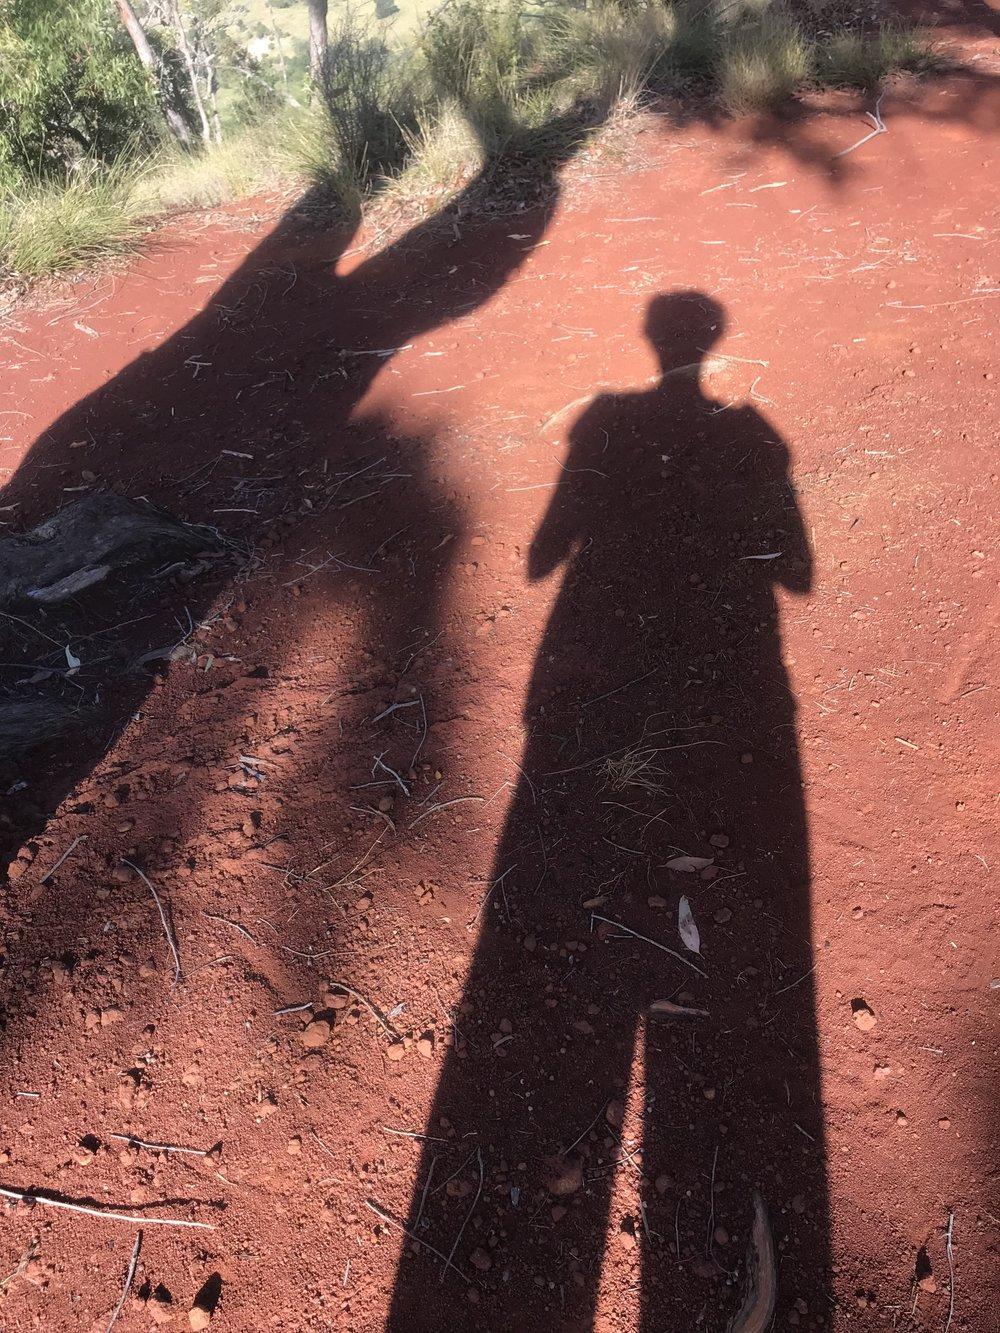 Followed by a shadow!